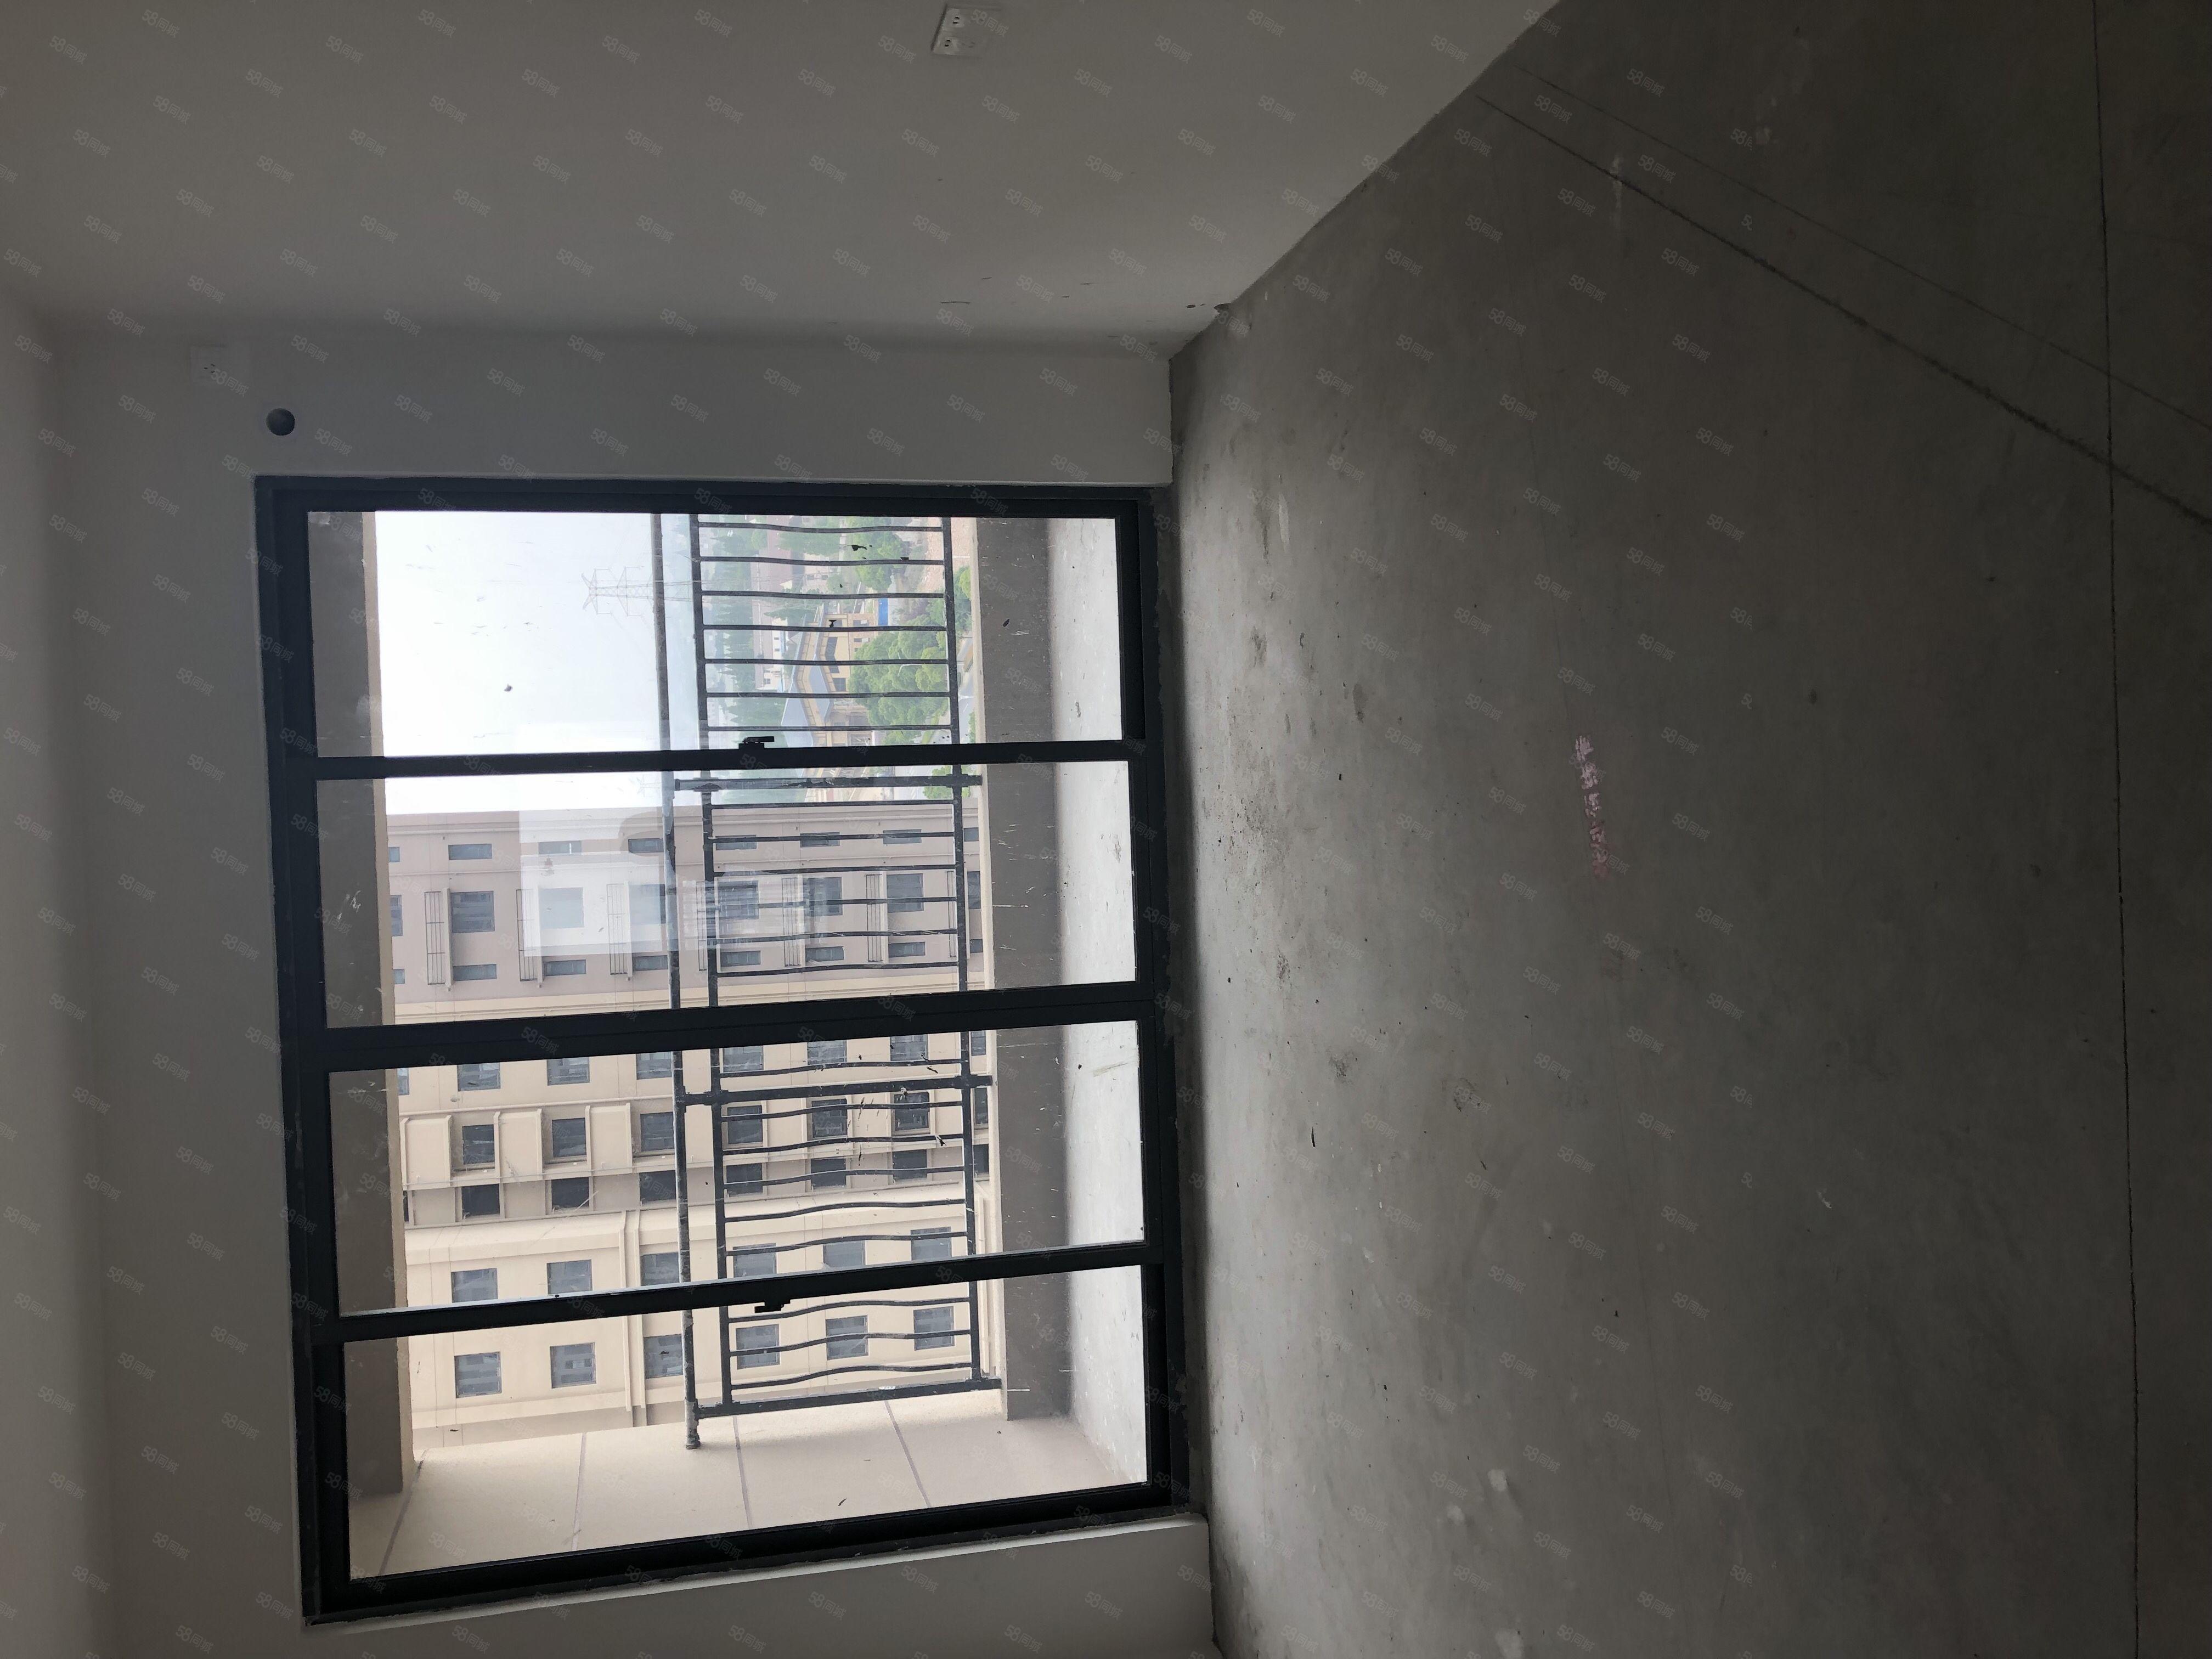 高铁新城碧桂园水蓝湾,现房小三室,纯毛坯